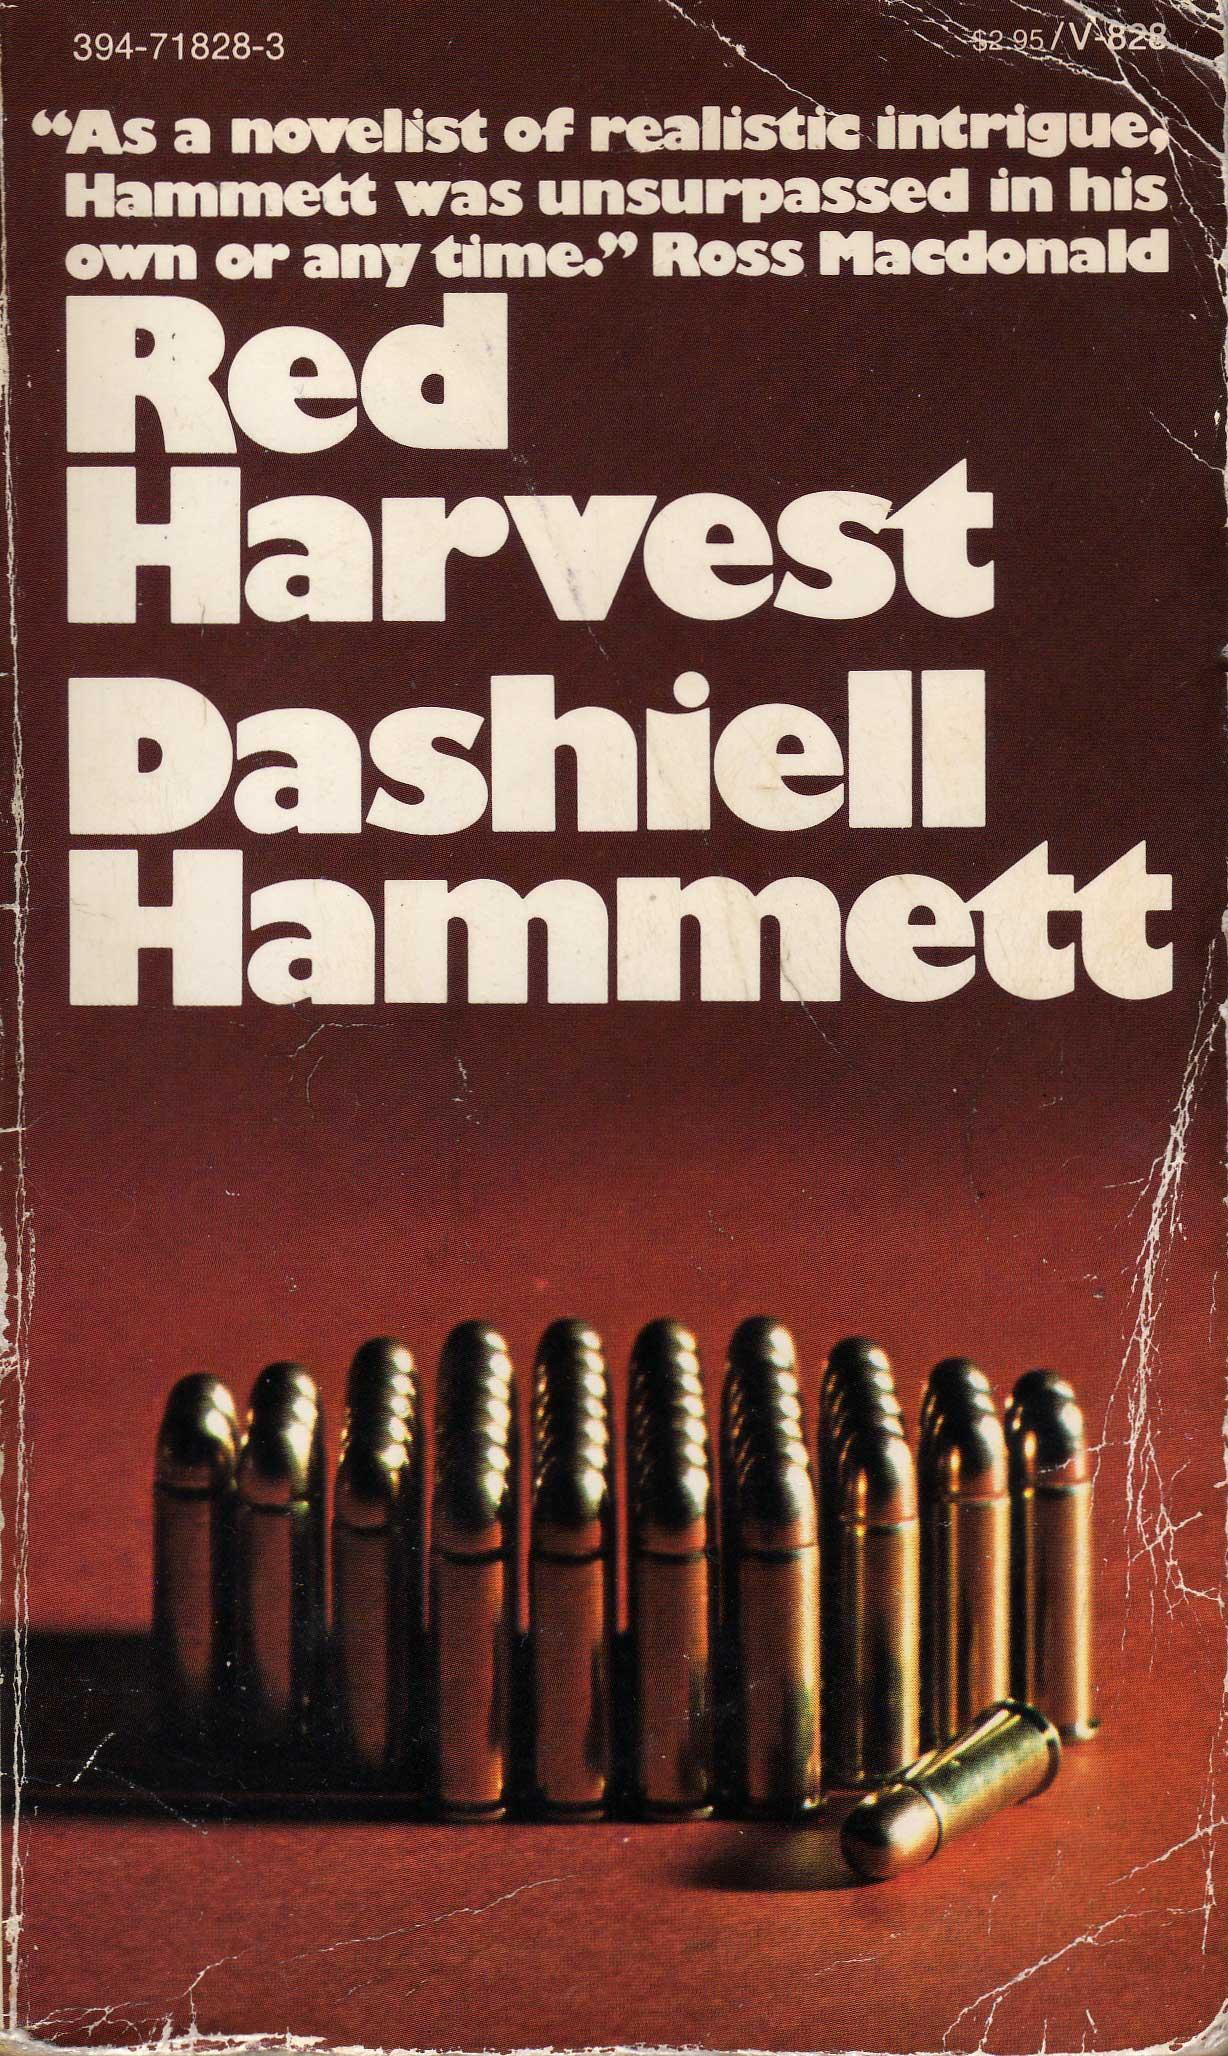 Red Harvest  Dashiell Hammett  Biblioklept